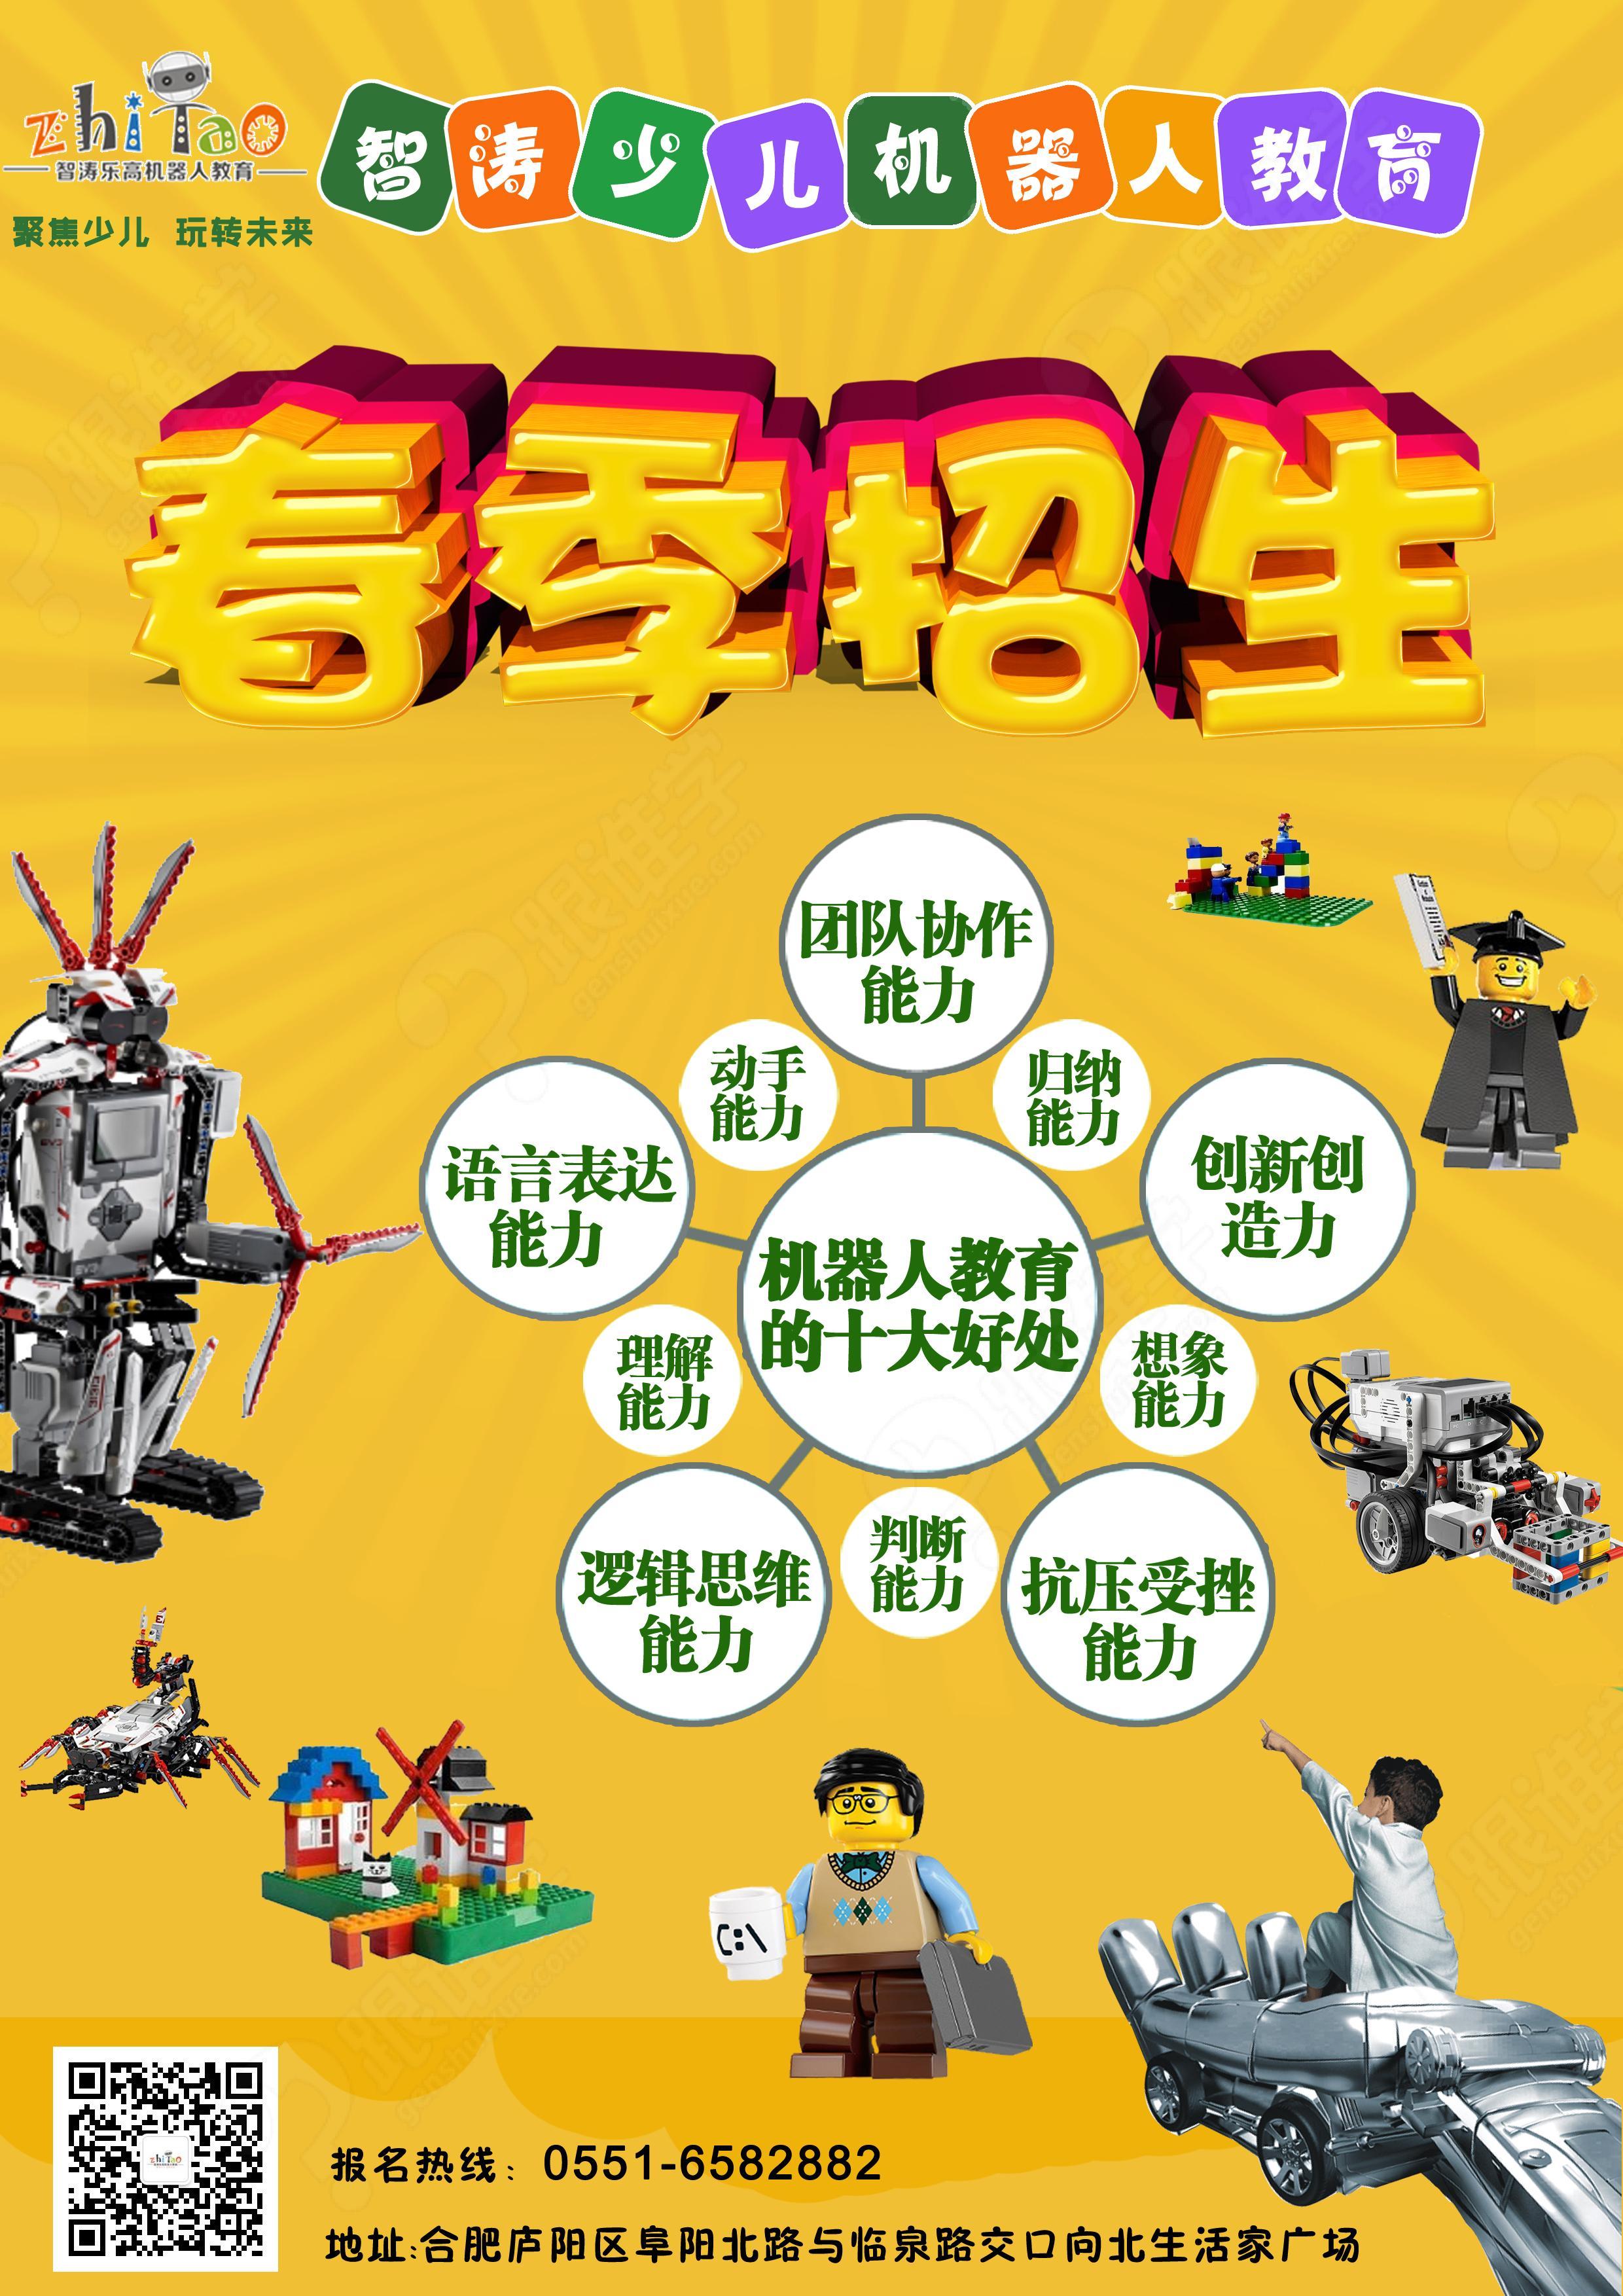 智涛机器人教育,预约试听